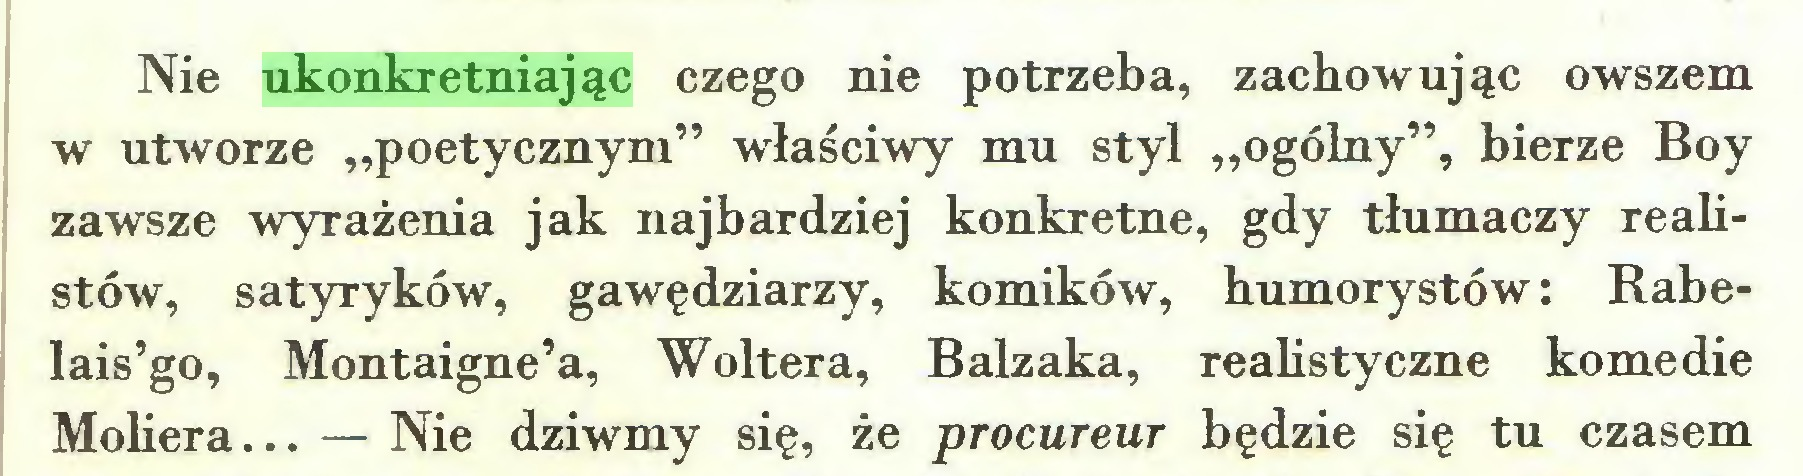 """(...) Nie ukonkretniając czego nie potrzeba, zachowując owszem w utworze """"poetycznym"""" właściwy mu styl """"ogólny"""", bierze Boy zawsze wyrażenia jak najbardziej konkretne, gdy tłumaczy realistów, satyryków, gawędziarzy, komików, humorystów: Rabelais'go, Montaigne'a, Woltera, Balzaka, realistyczne komedie Moliera... — Nie dziwmy się, że procureur będzie się tu czasem..."""